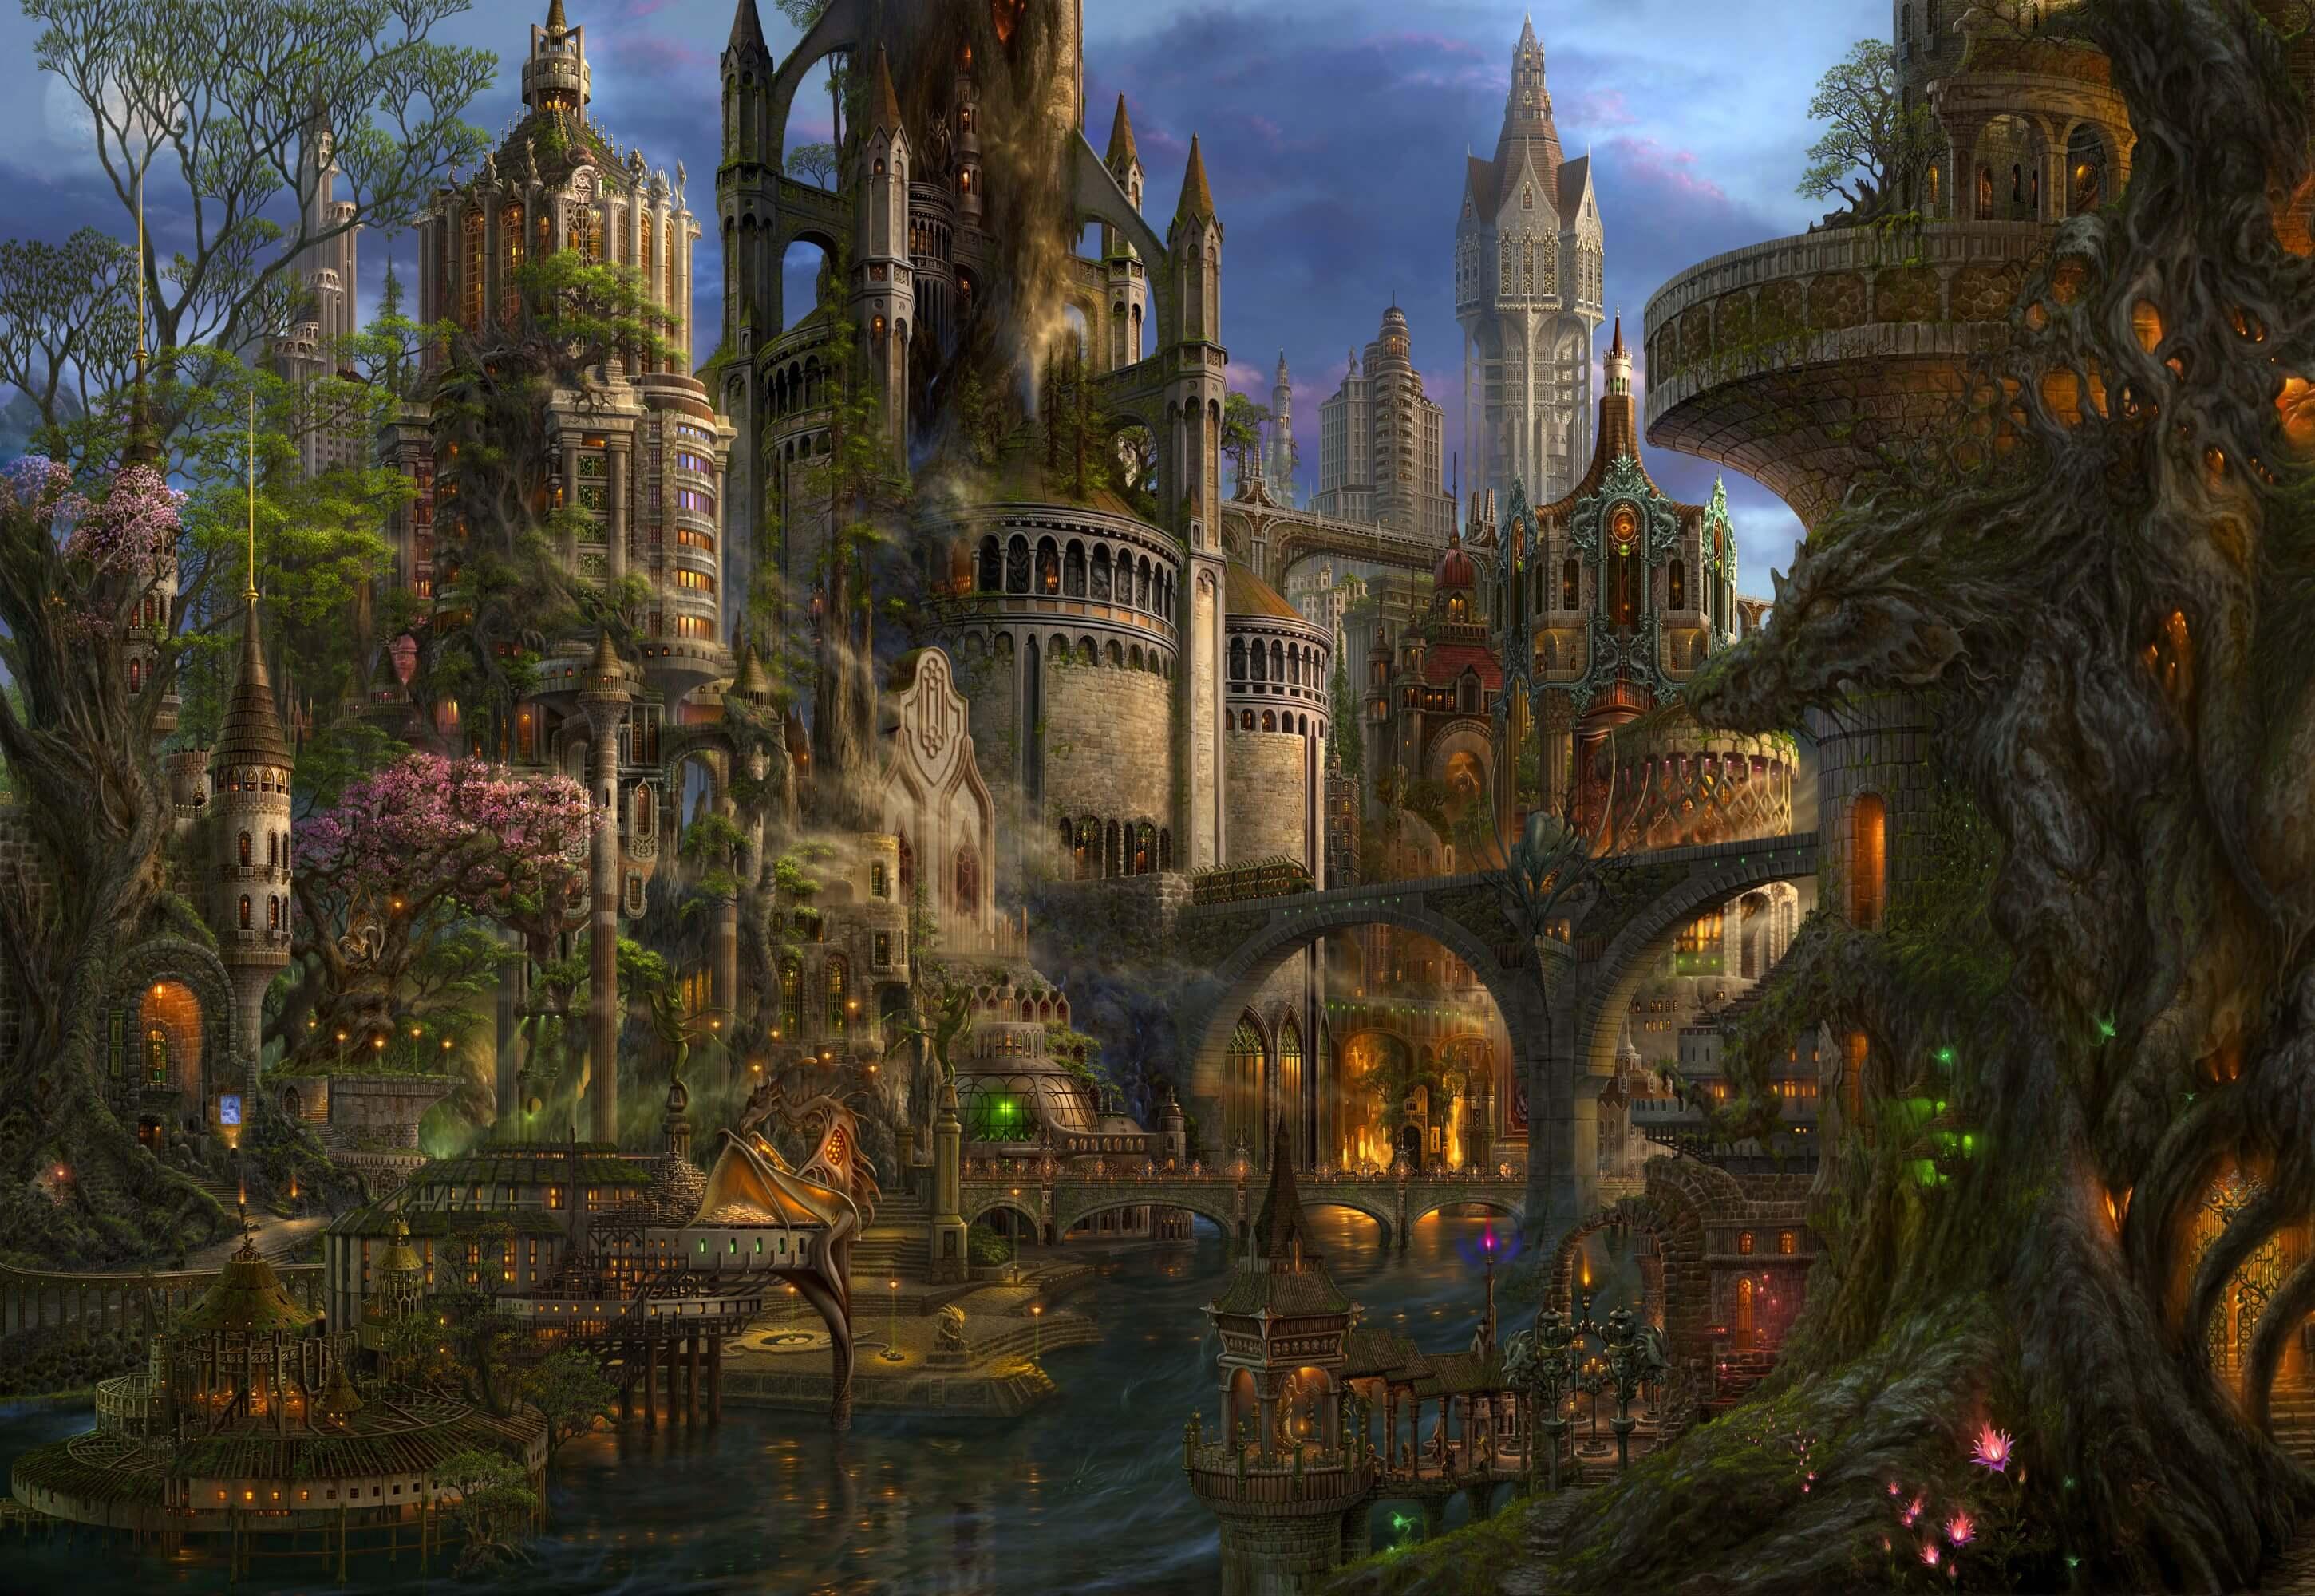 Fantasy Wallpaper 52